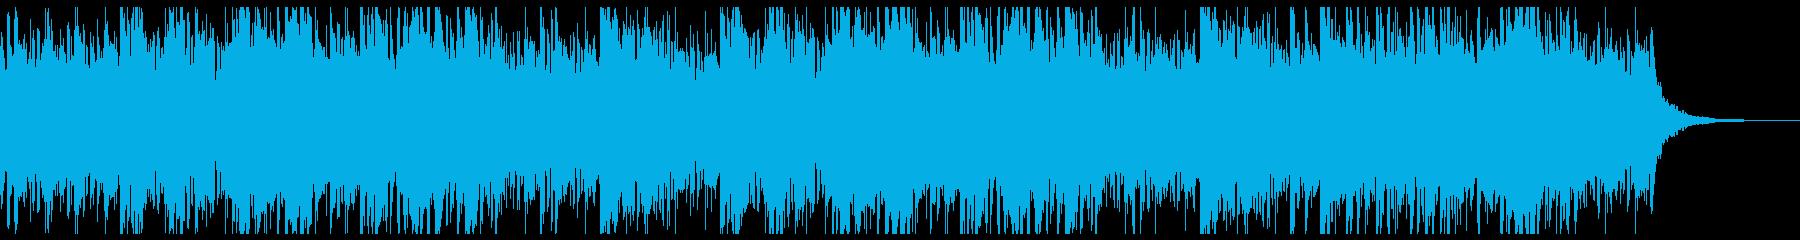 雄大な空をかける飛空艇のBGM・感動系の再生済みの波形